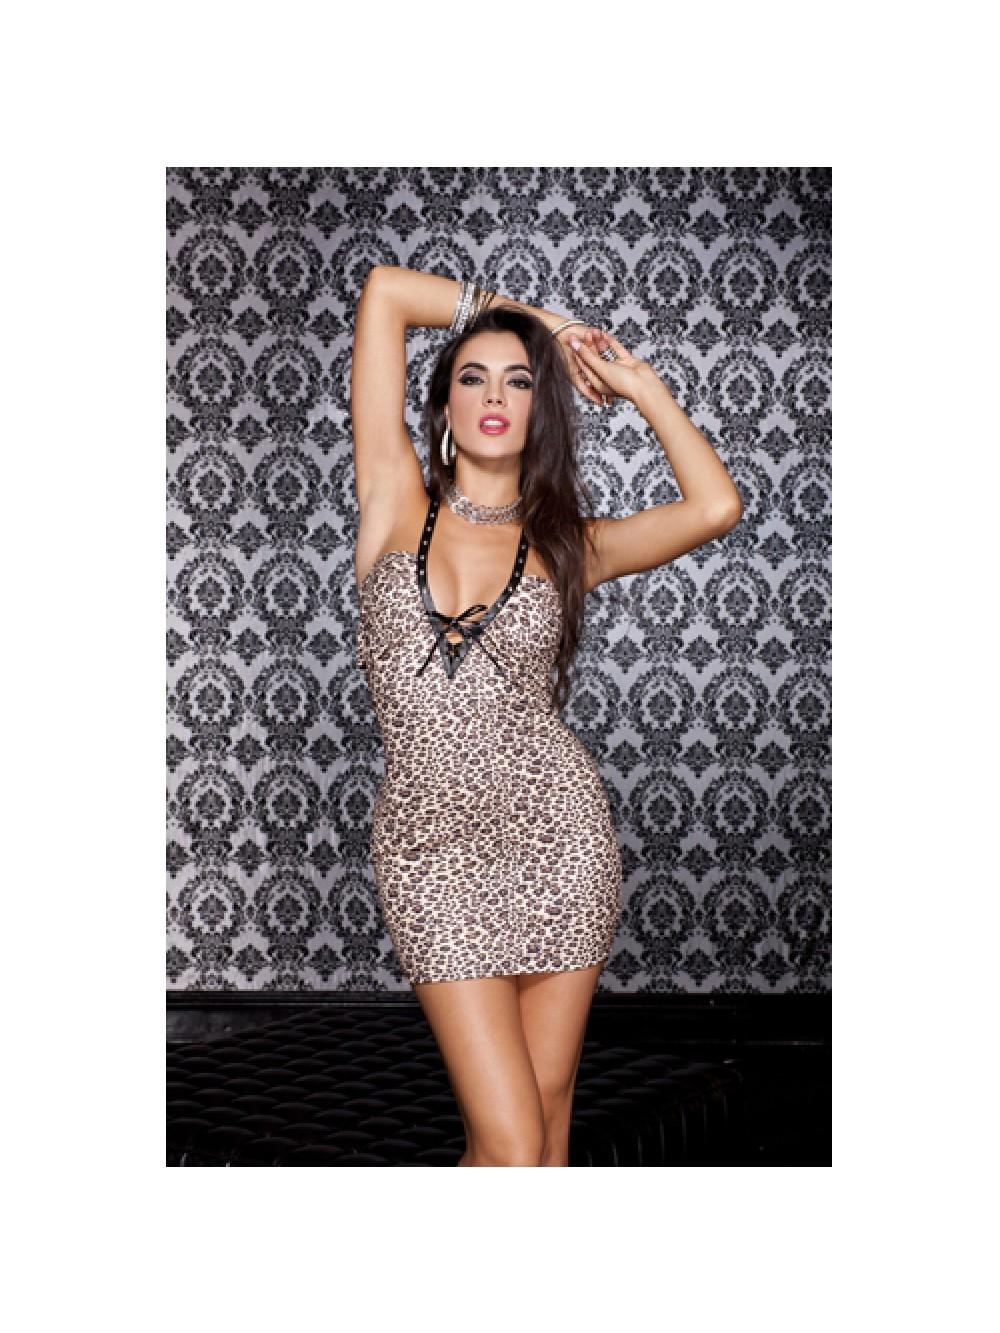 Deep V-neck halter dress with leopard print